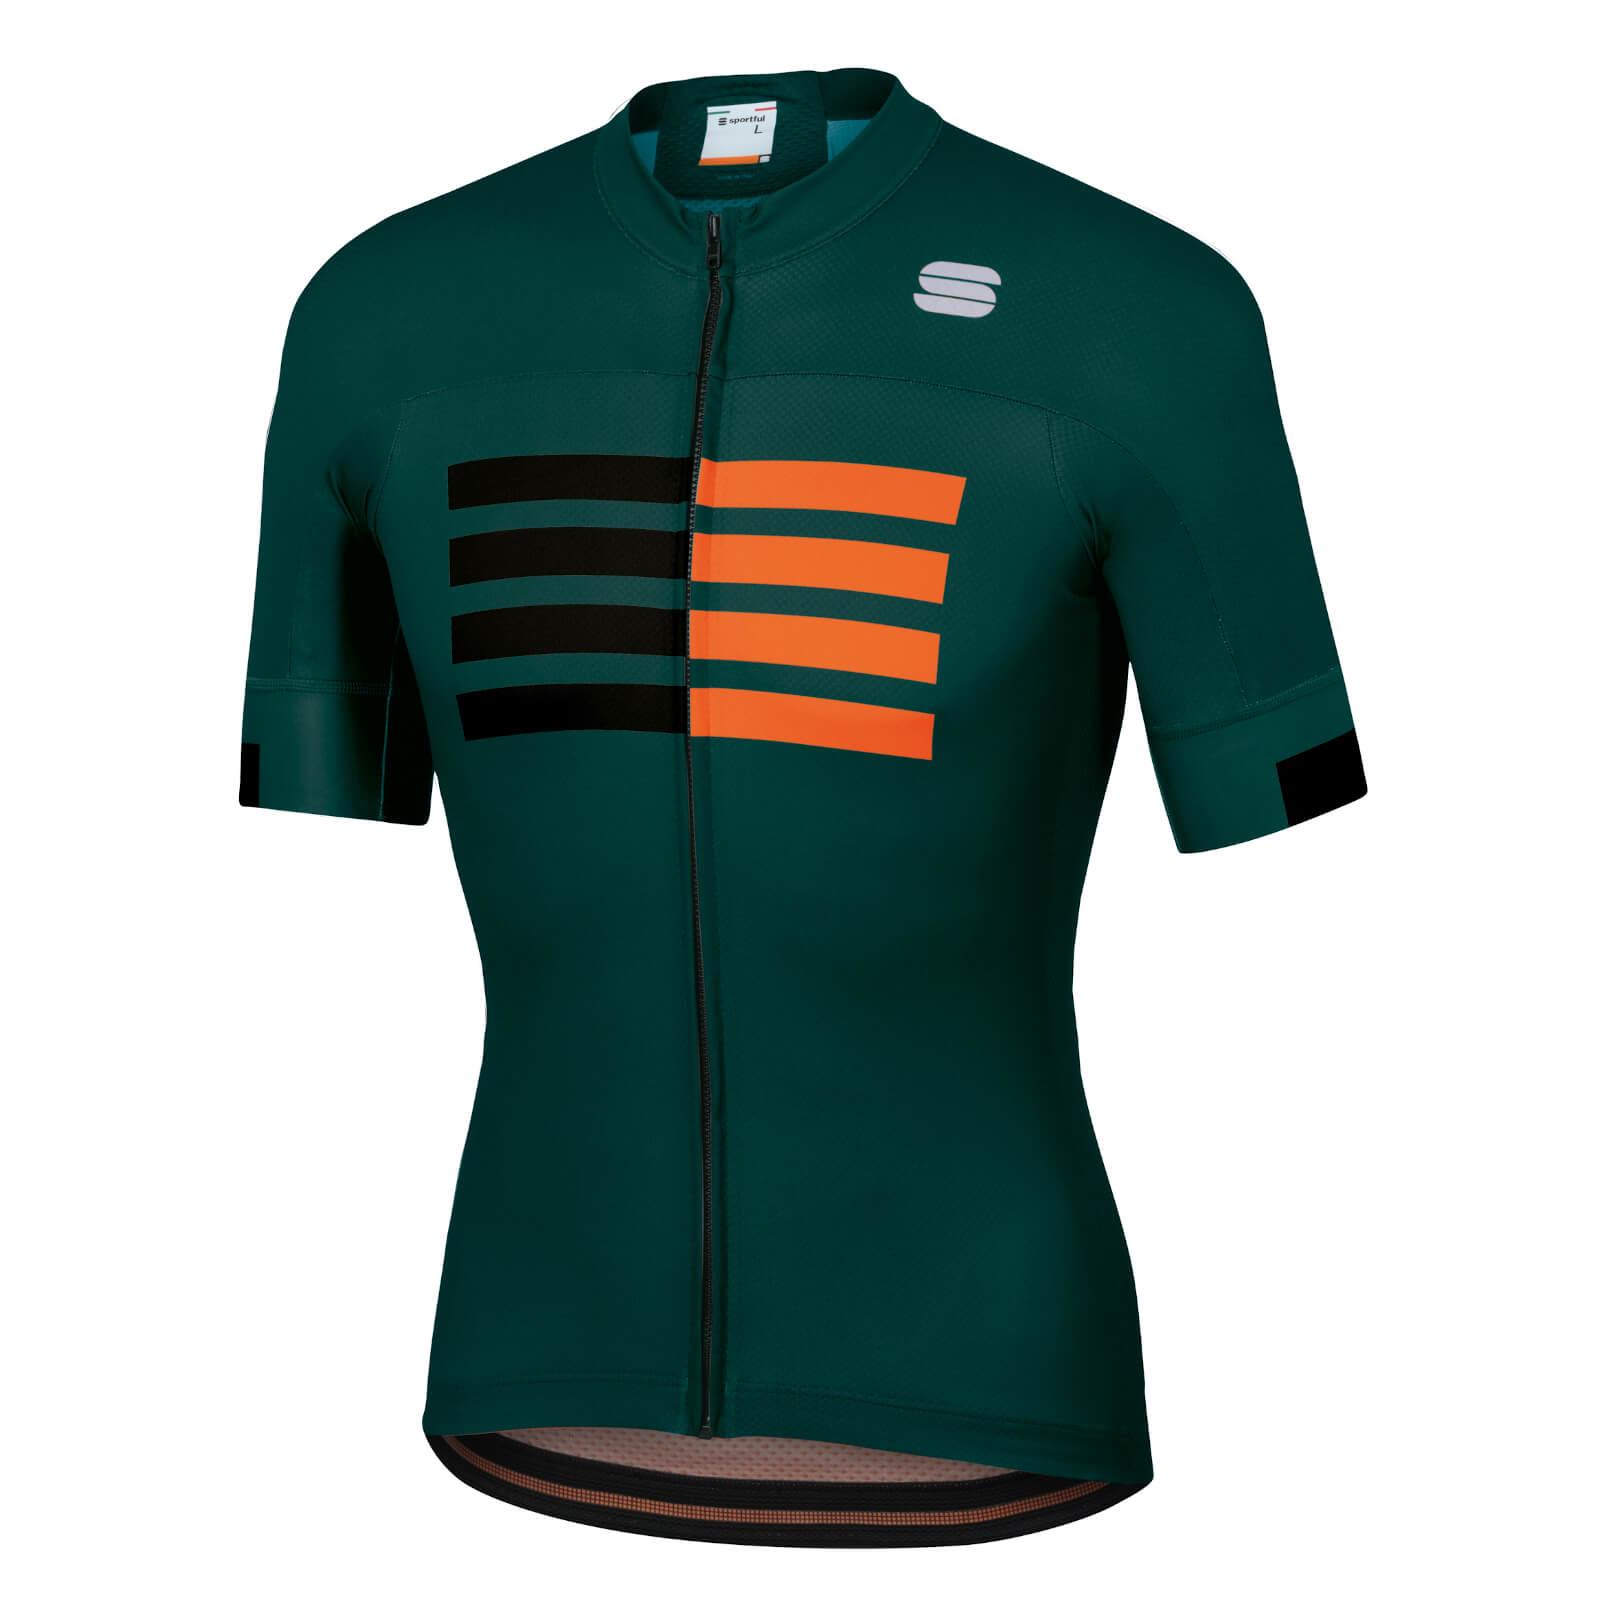 Sportful Wire Jersey - L - Sea Moss/Black/Orange SDR